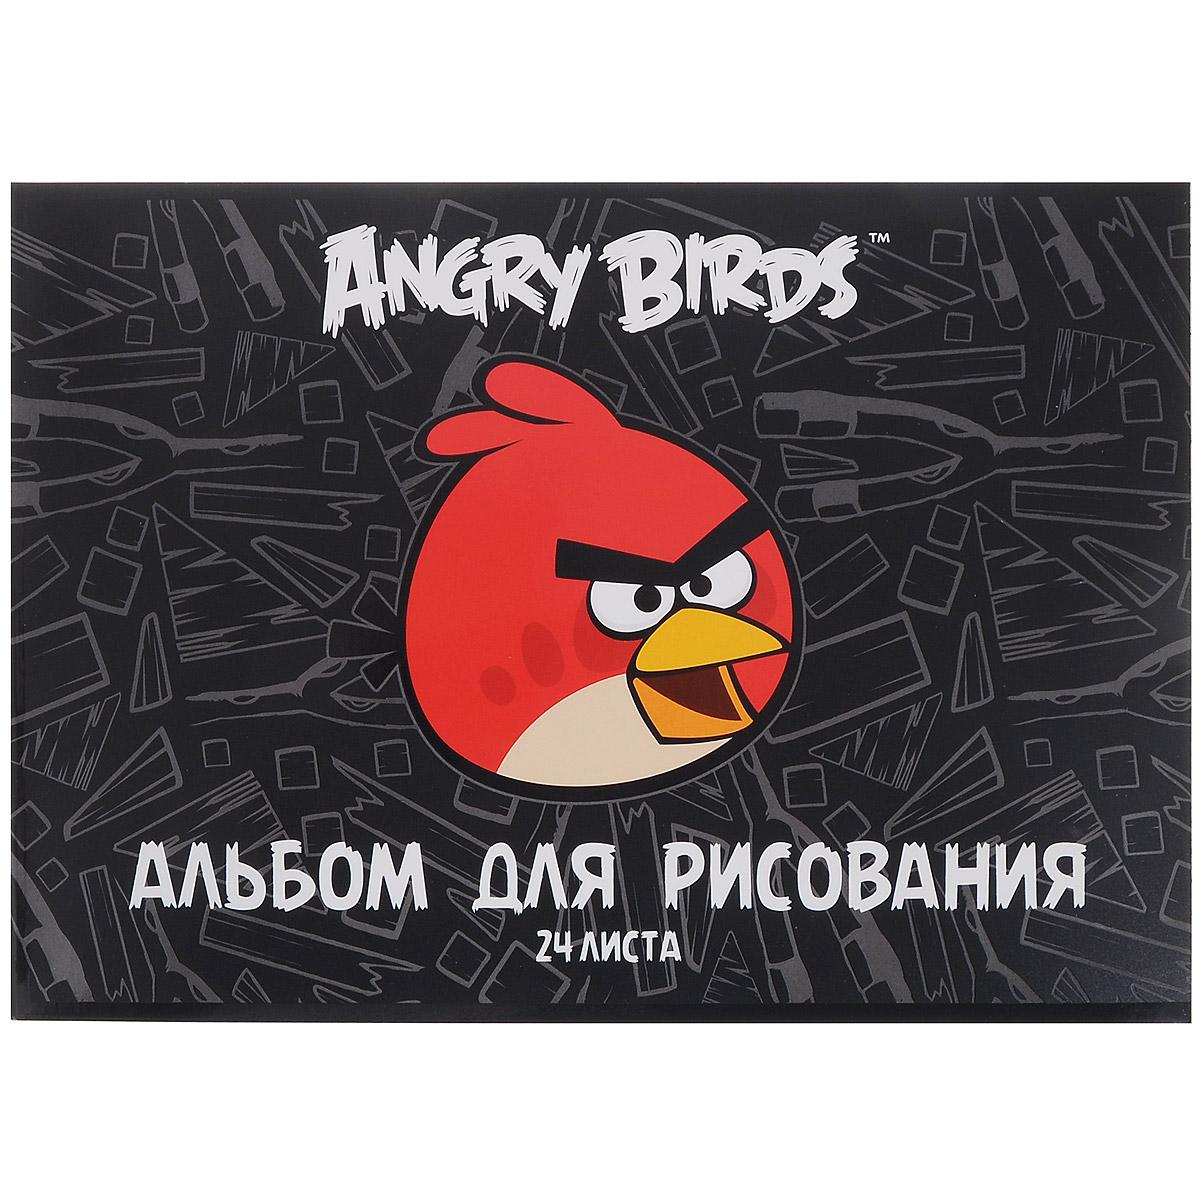 Альбом для рисования Angry Birds, 24 листа. 24А4вмB_1040224А4вмB_10402Альбом для рисования Angry Birds с ярким изображением любимого мультипликационного героя на обложке будет радовать и вдохновлять юных художников на творческий процесс. Бумага альбома отличается высокой прочностью. Обложка выполнена из мелованного картона. Крепление - скрепки. Рисование позволяет развивать творческие способности, кроме того, это увлекательный досуг. Рекомендуемый возраст: 6+.